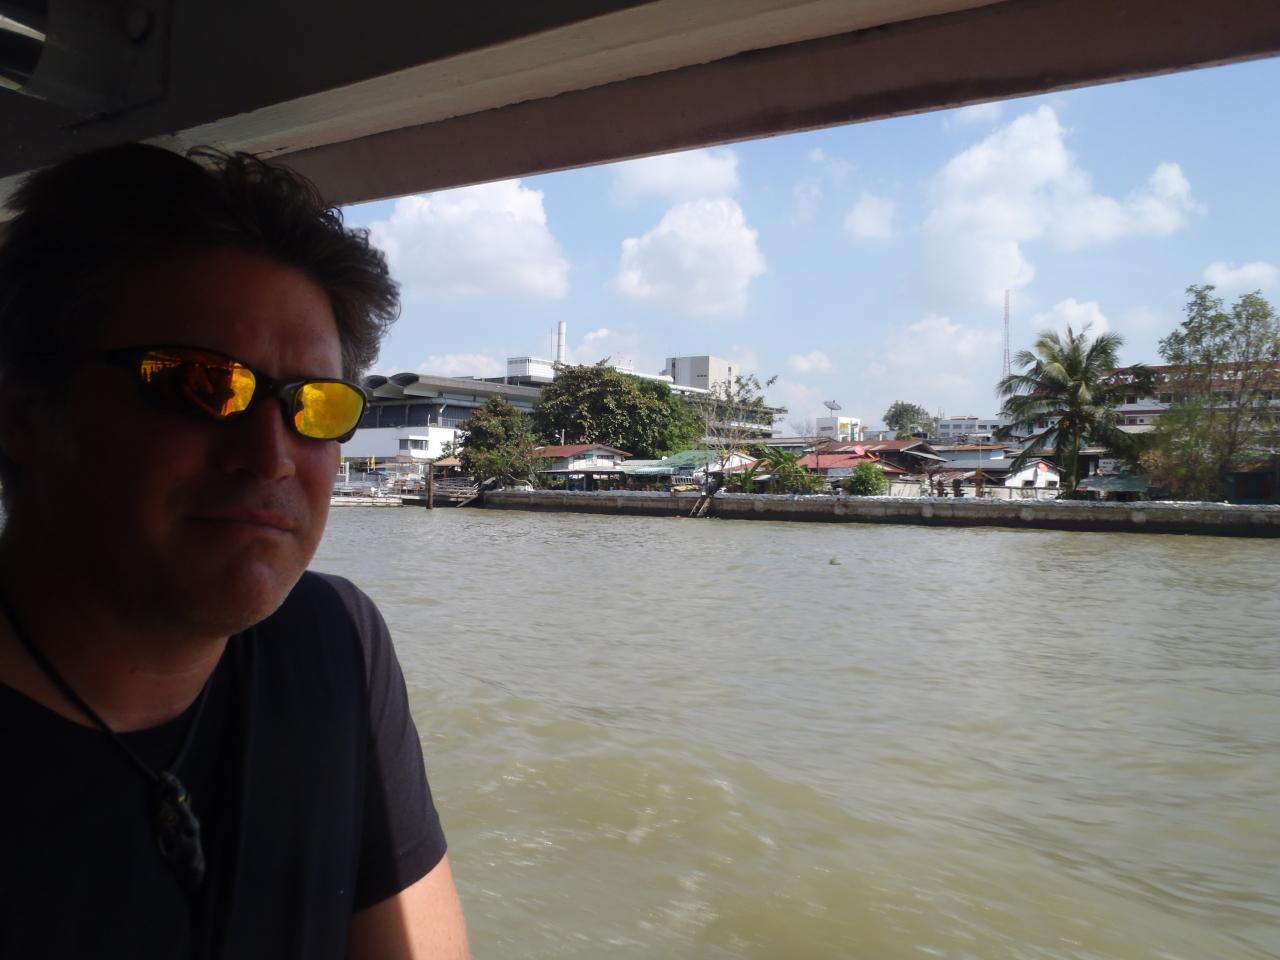 Khong ferry